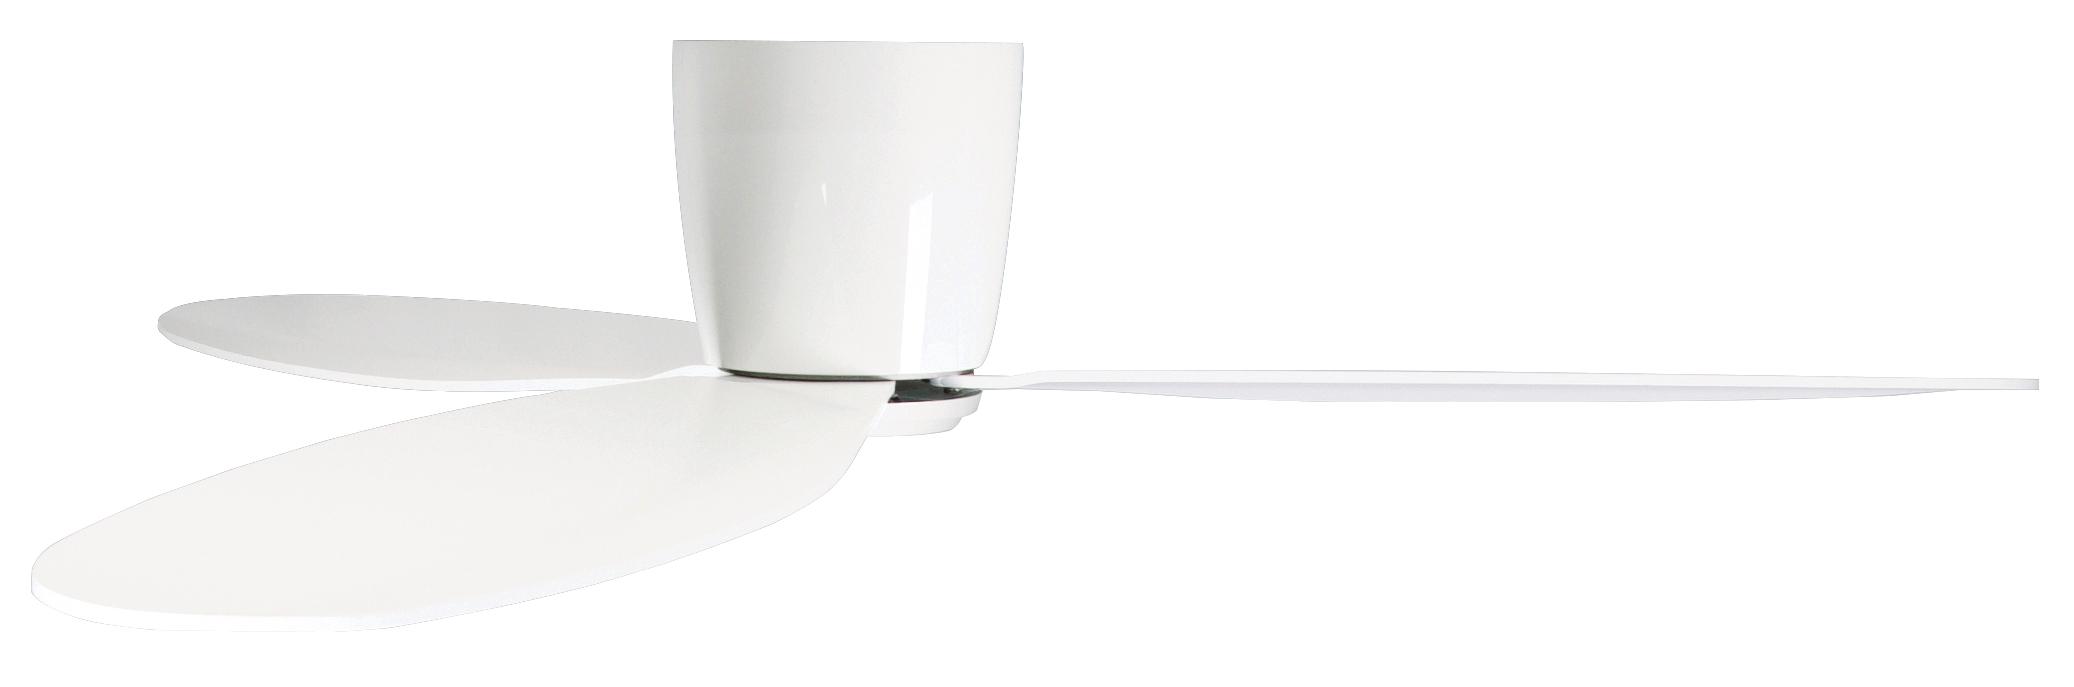 Deckenventilator Airfusion Radar für niedrige Räume, eneriesparend